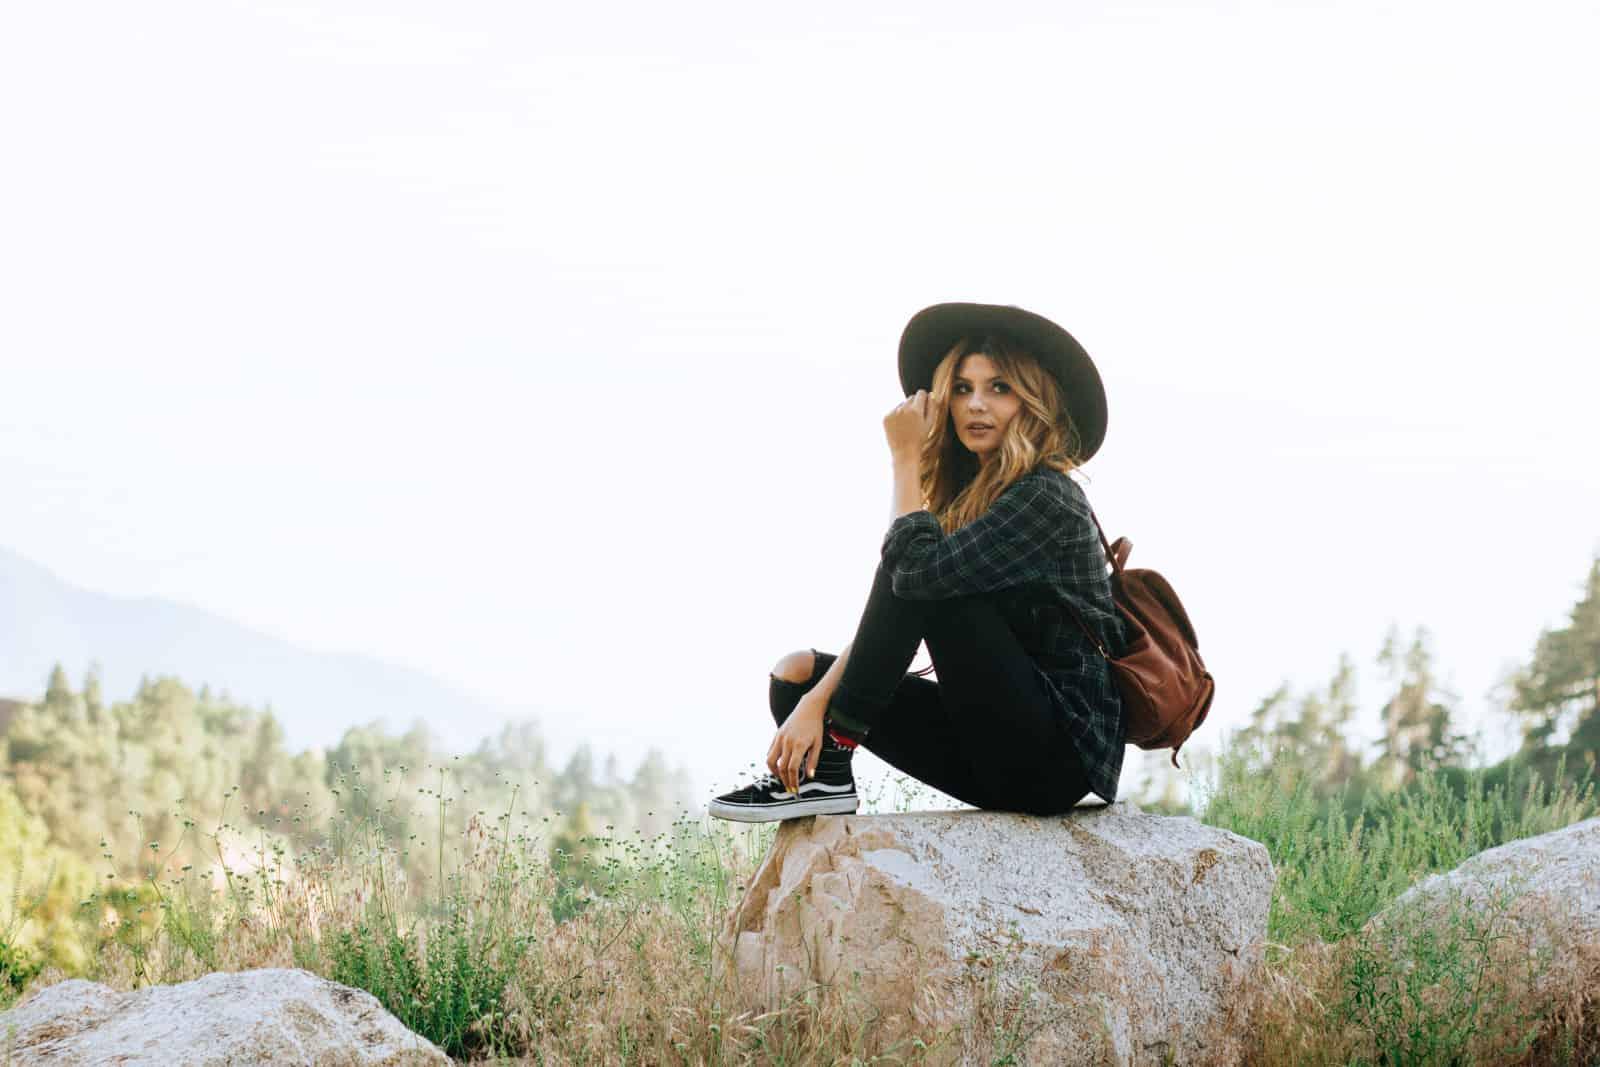 eine Frau, die auf einem Felsen im Wald sitzt